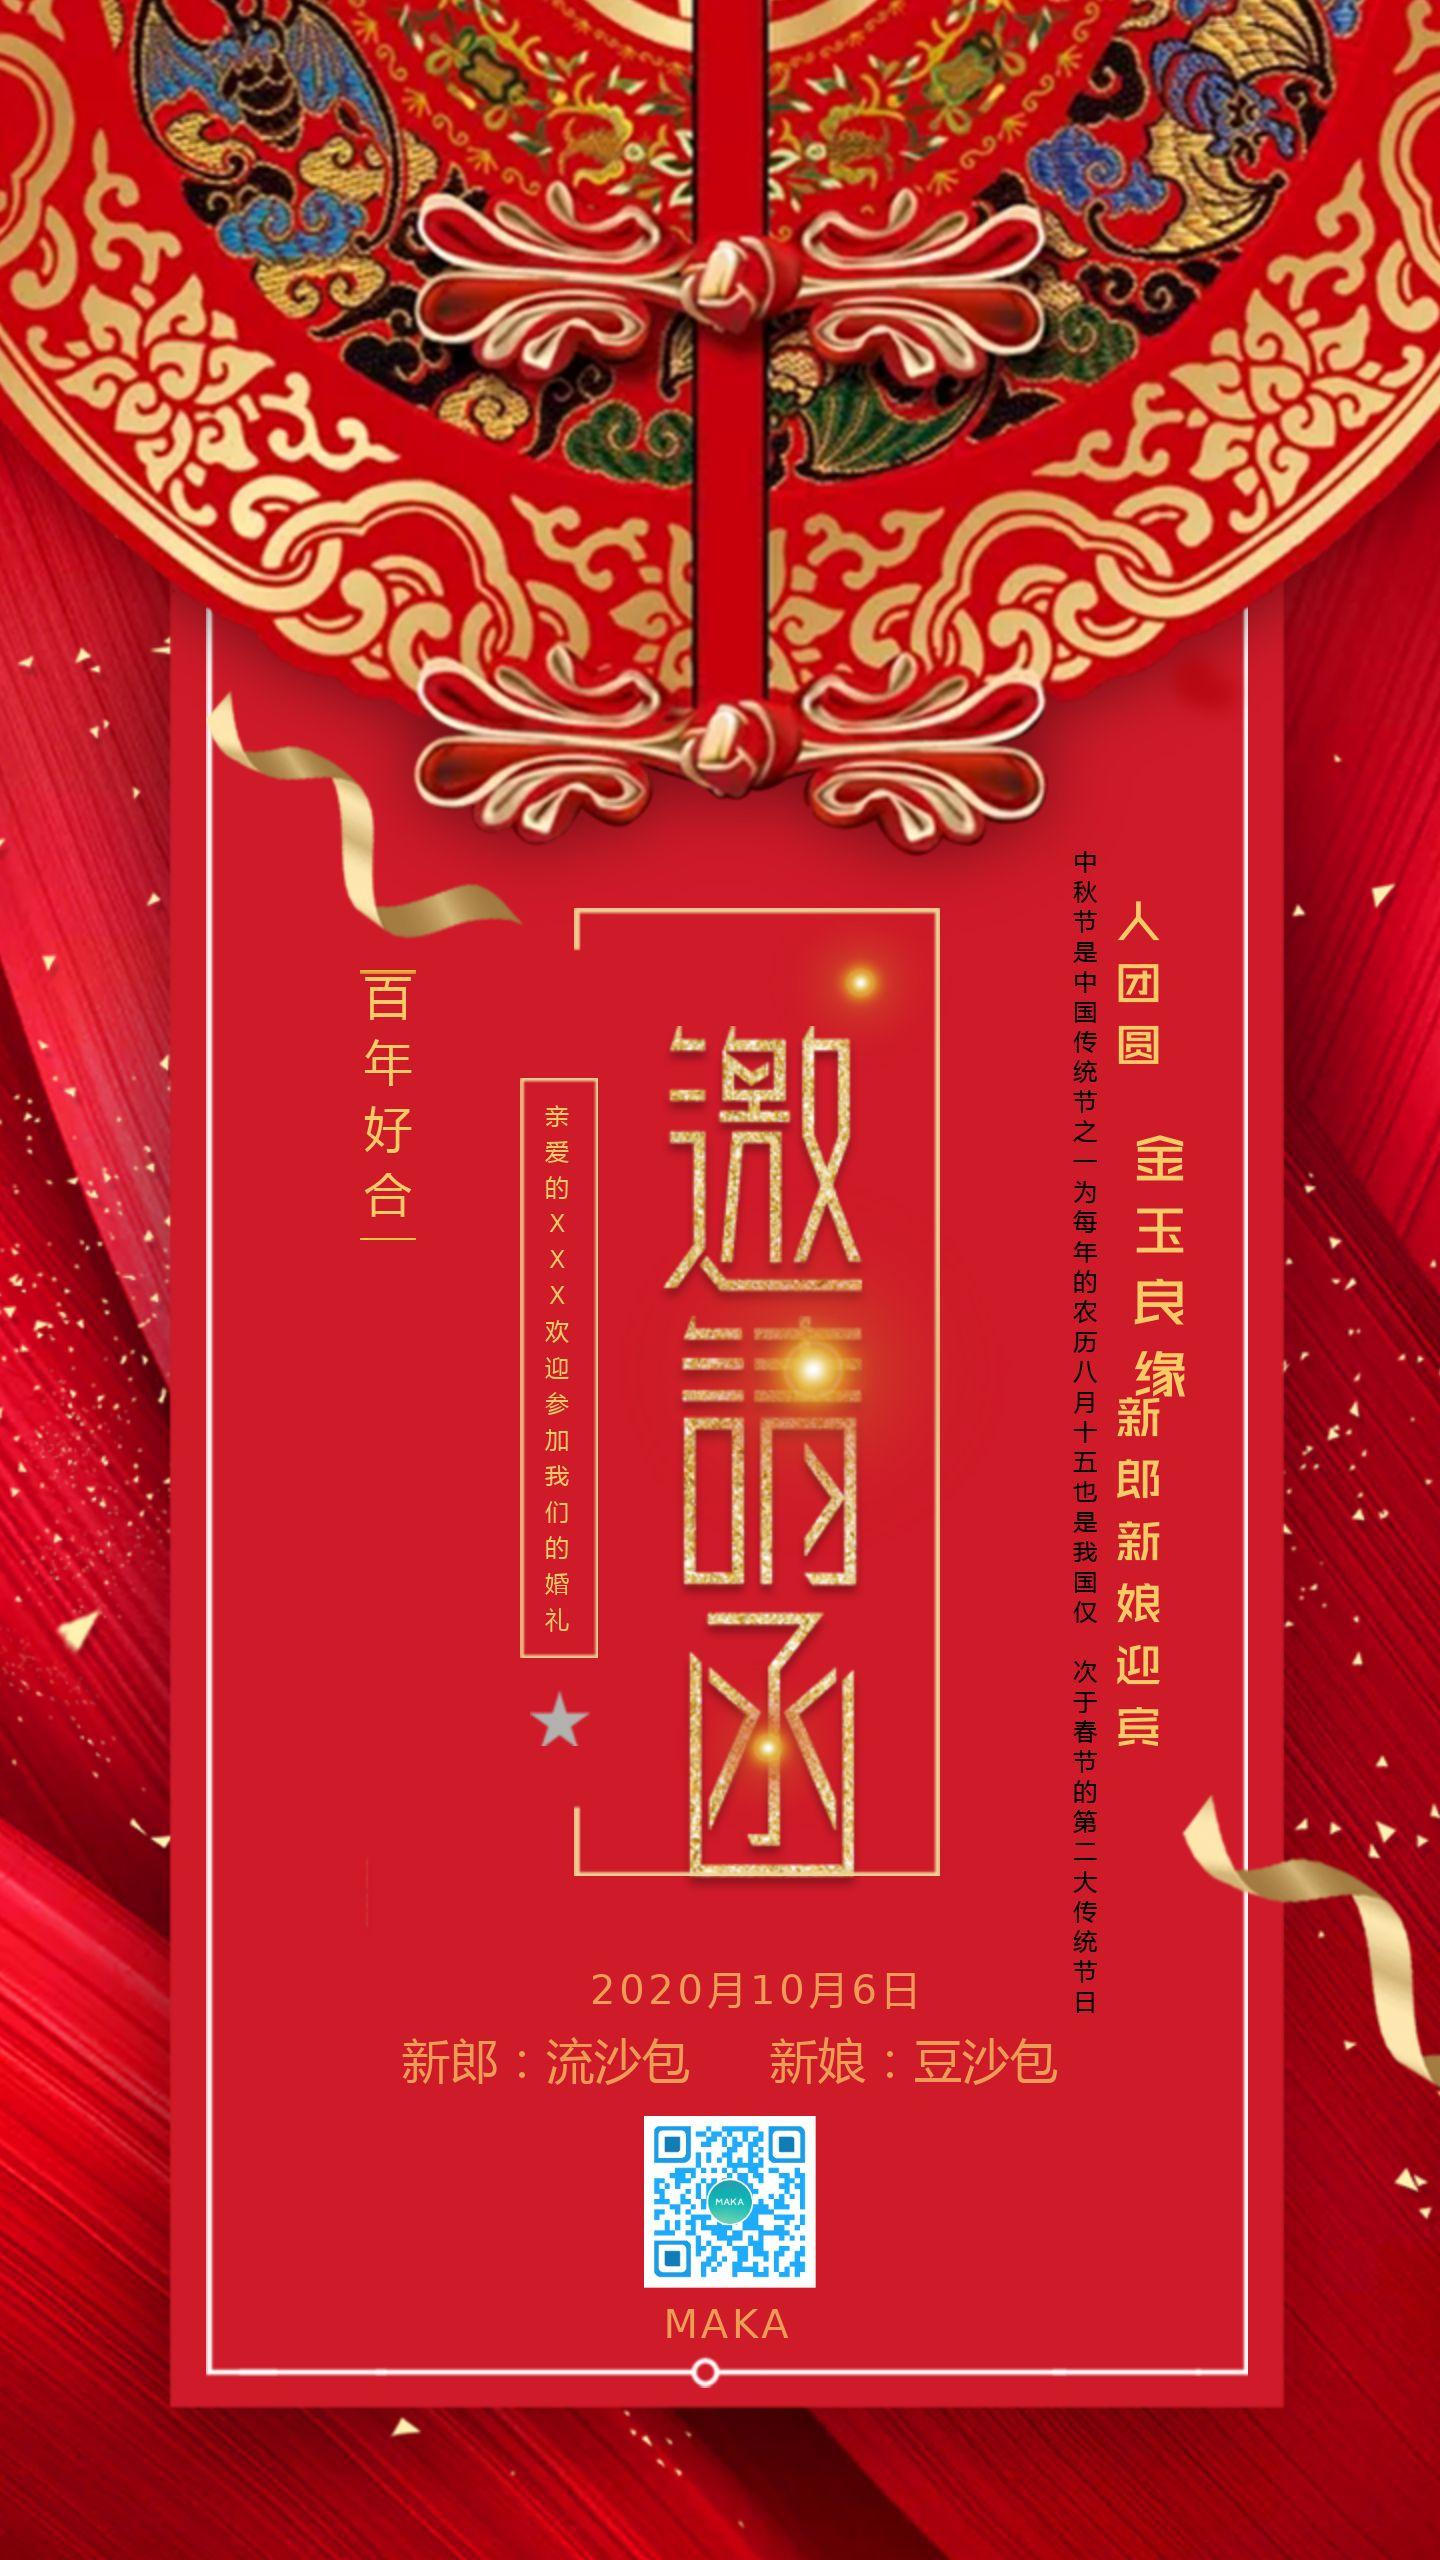 中国风高端红色公司年会邀请函宣传海报